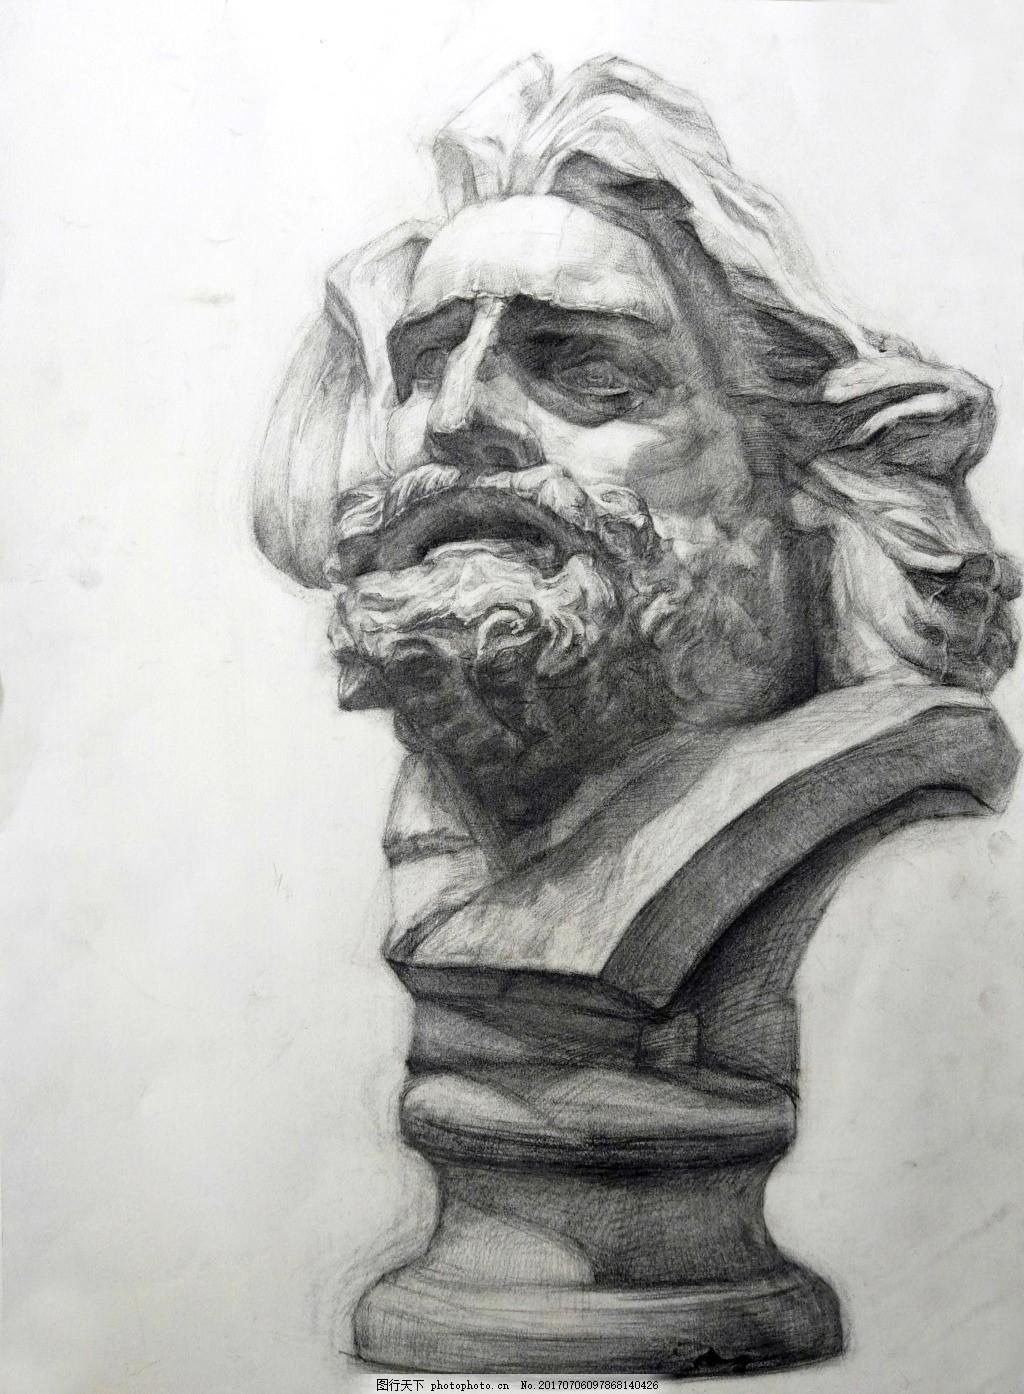 马赛头像装饰画 素描 石膏像 美术 黑白灰 结构 转折